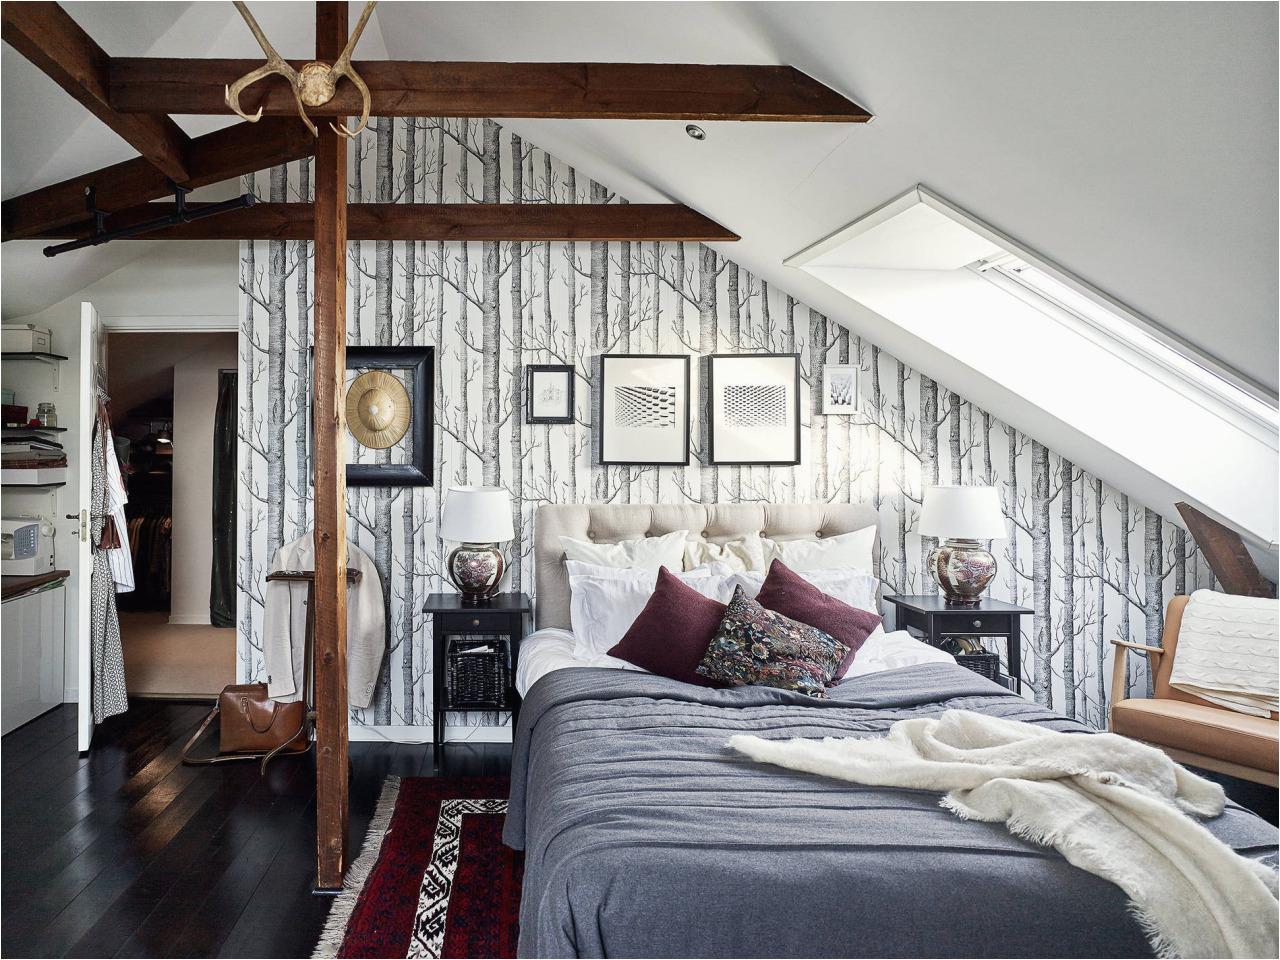 Schlafzimmer Unter Dachschräge Schlafzimmer Farben Dachschrage Mit Schlafzimmer Mit